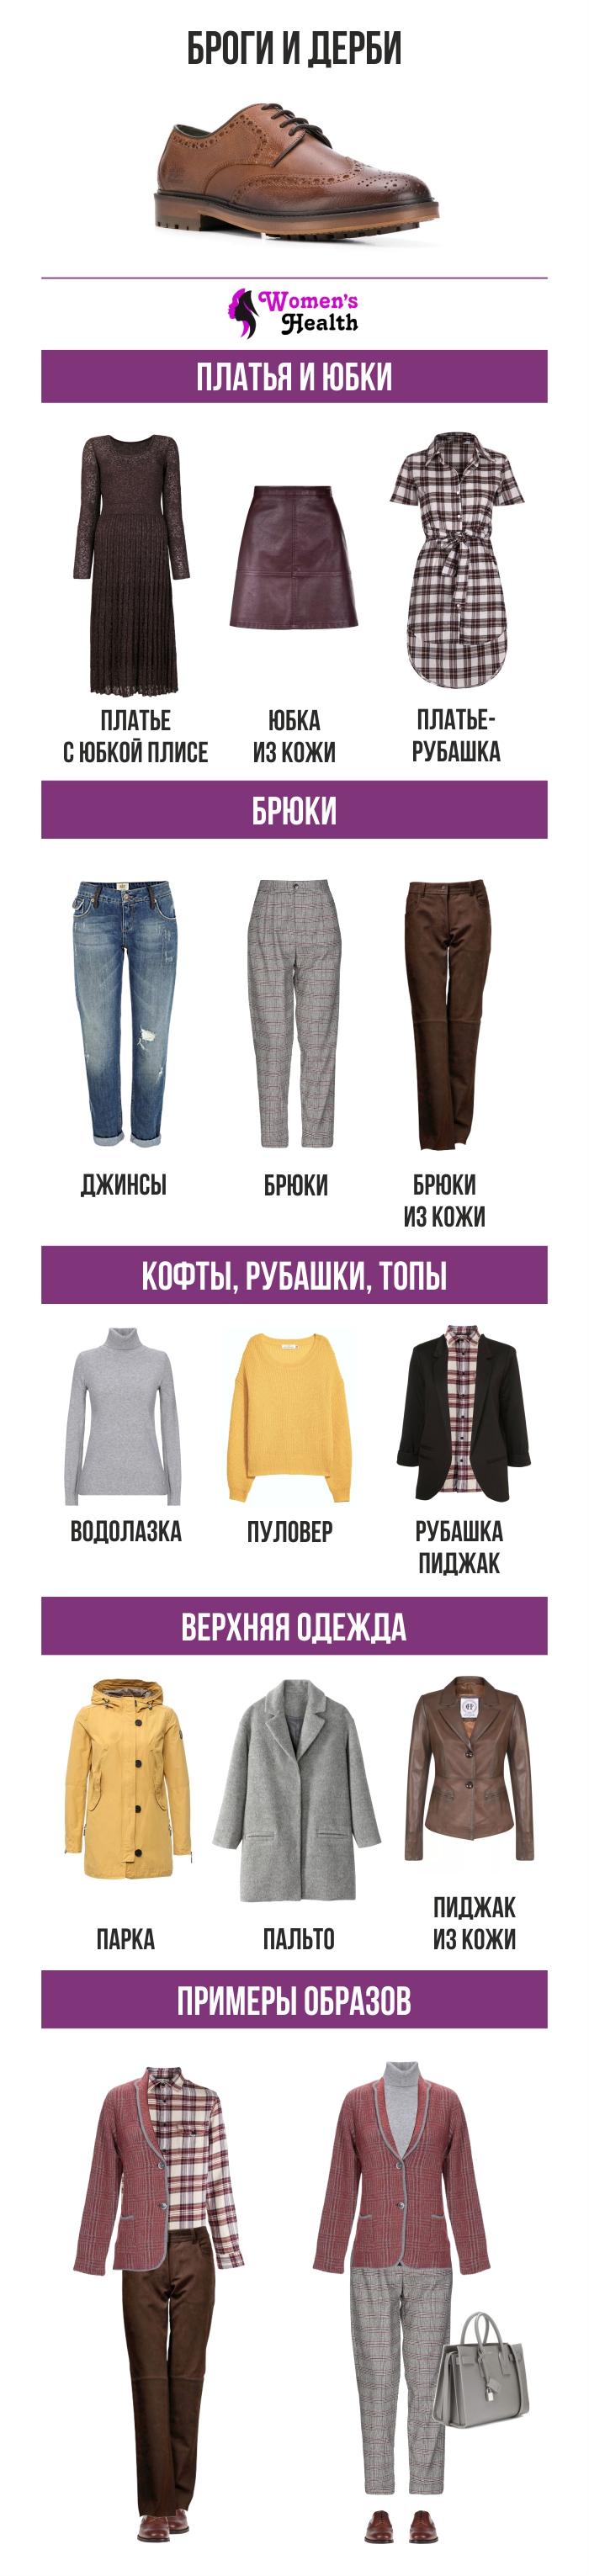 Инфографика: С чем носить женские ботинки броги и дерби